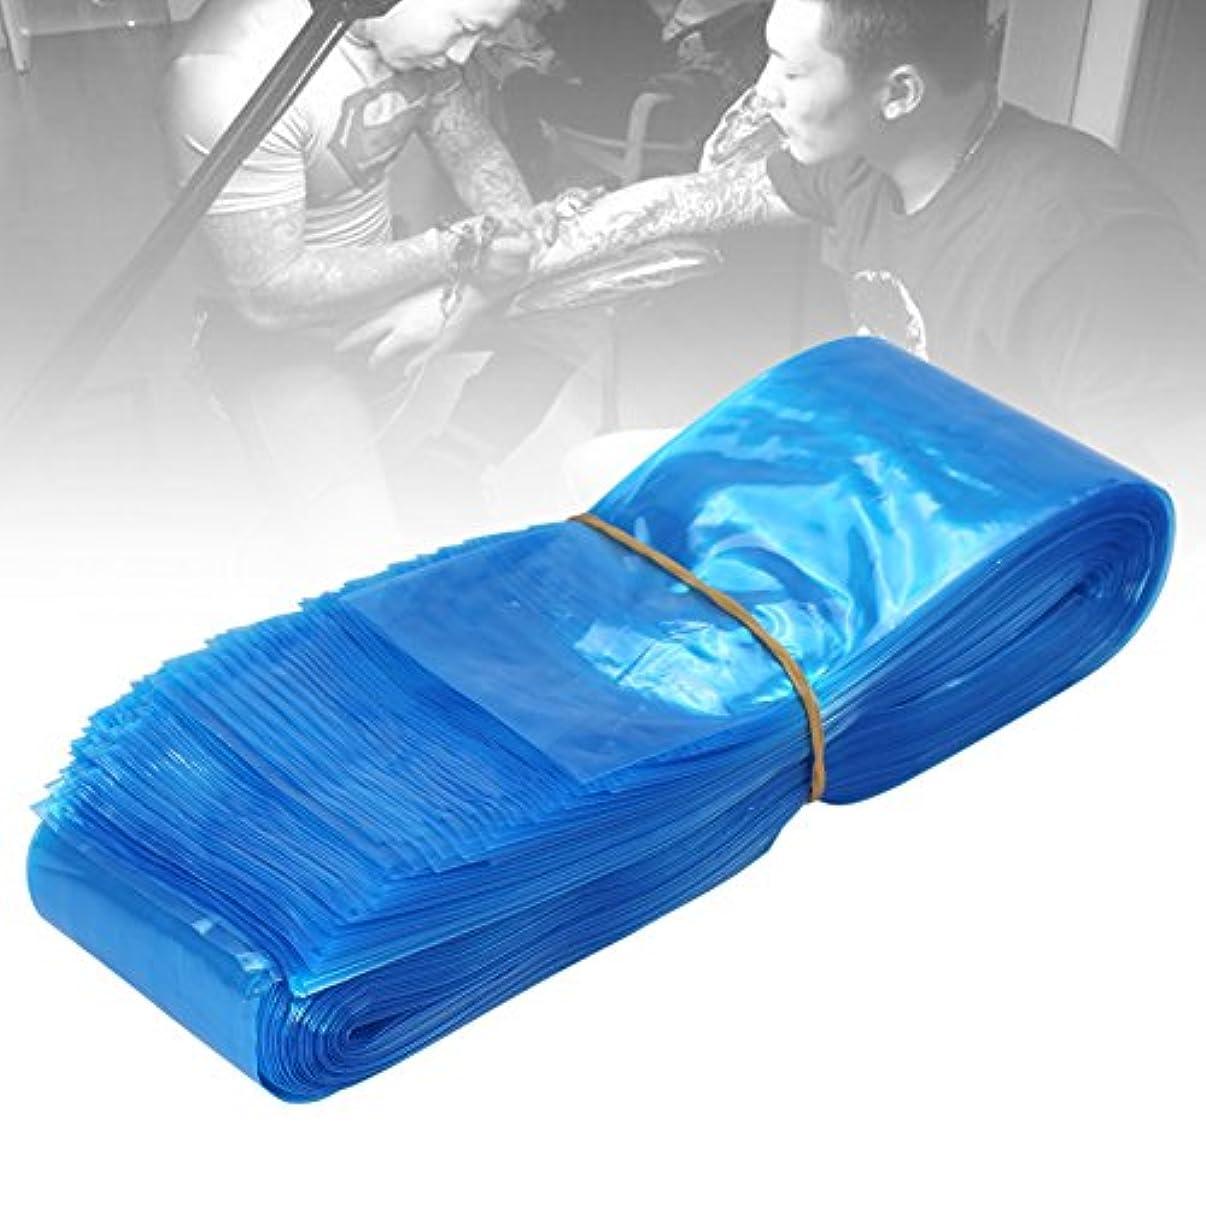 シネウィ結果として病的100ピース使い捨てプラスチックブルー医療衛生タトゥーマシンクリップコードフックスリーブカバーバッグ